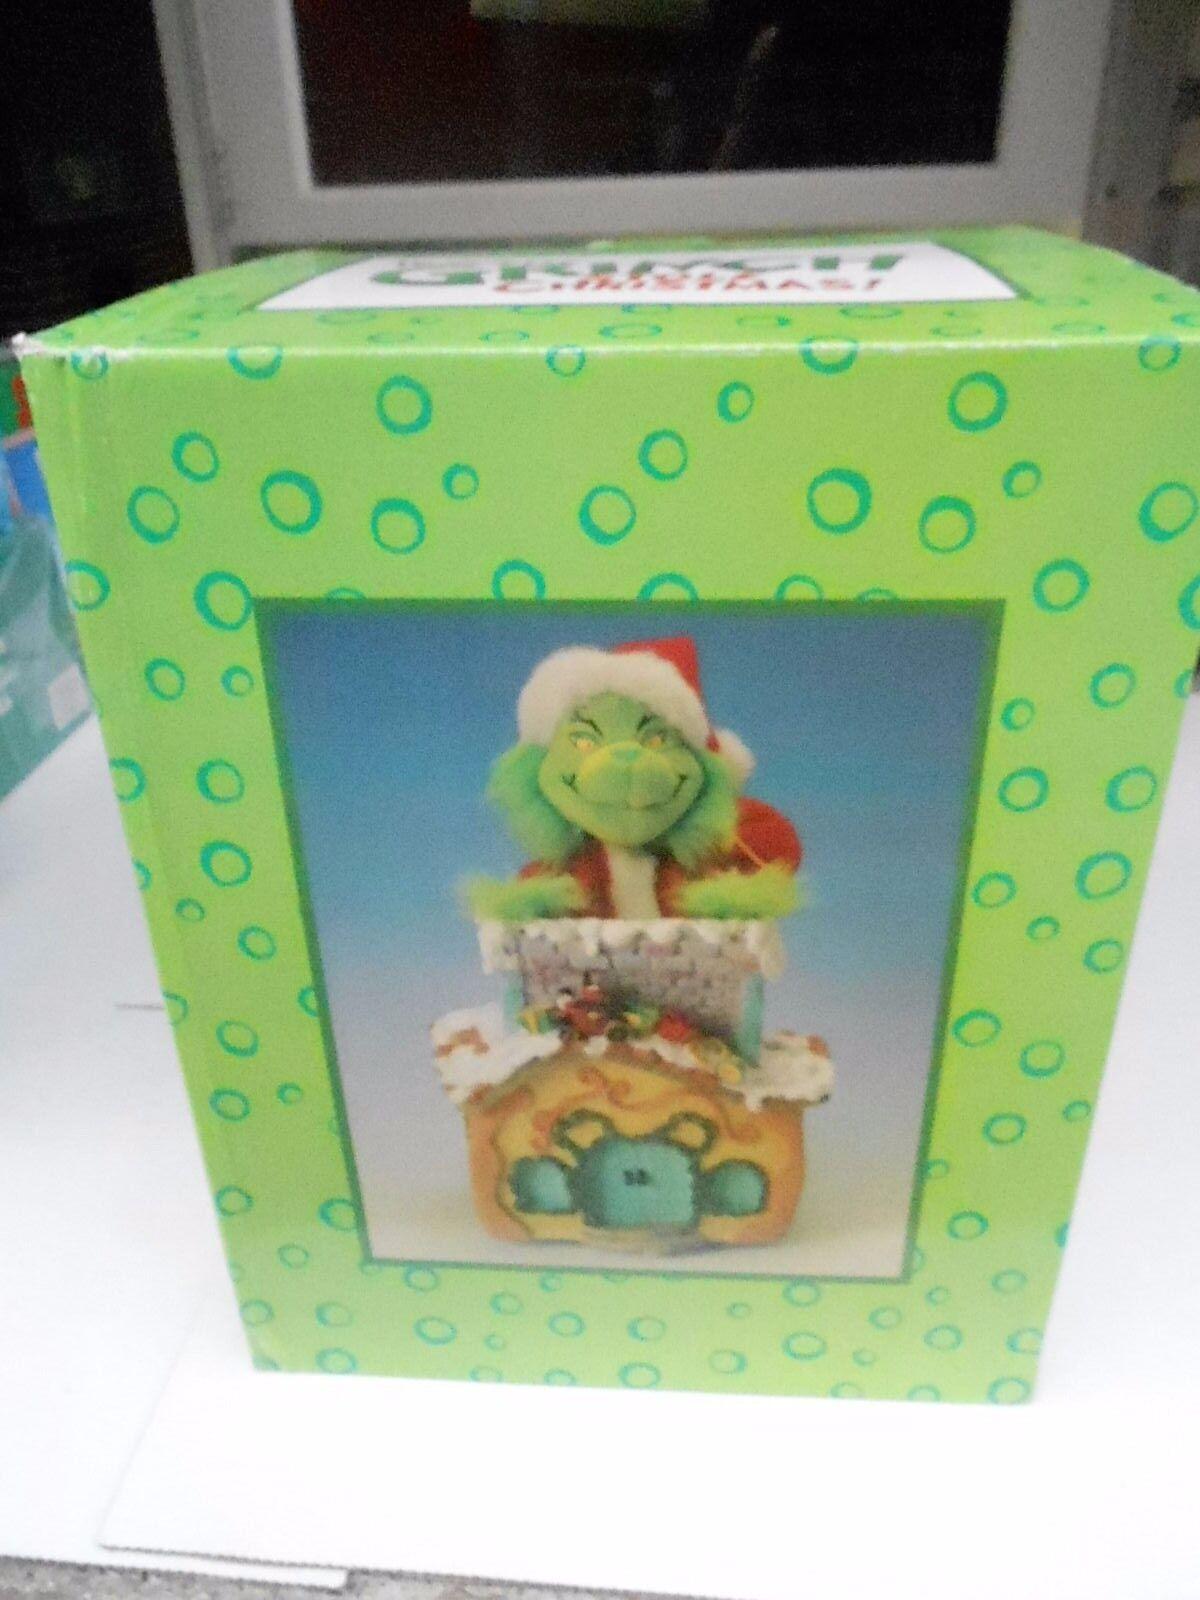 2000 Disegna Limitato come The Grinch Stole Natale Animated Musicale Camino